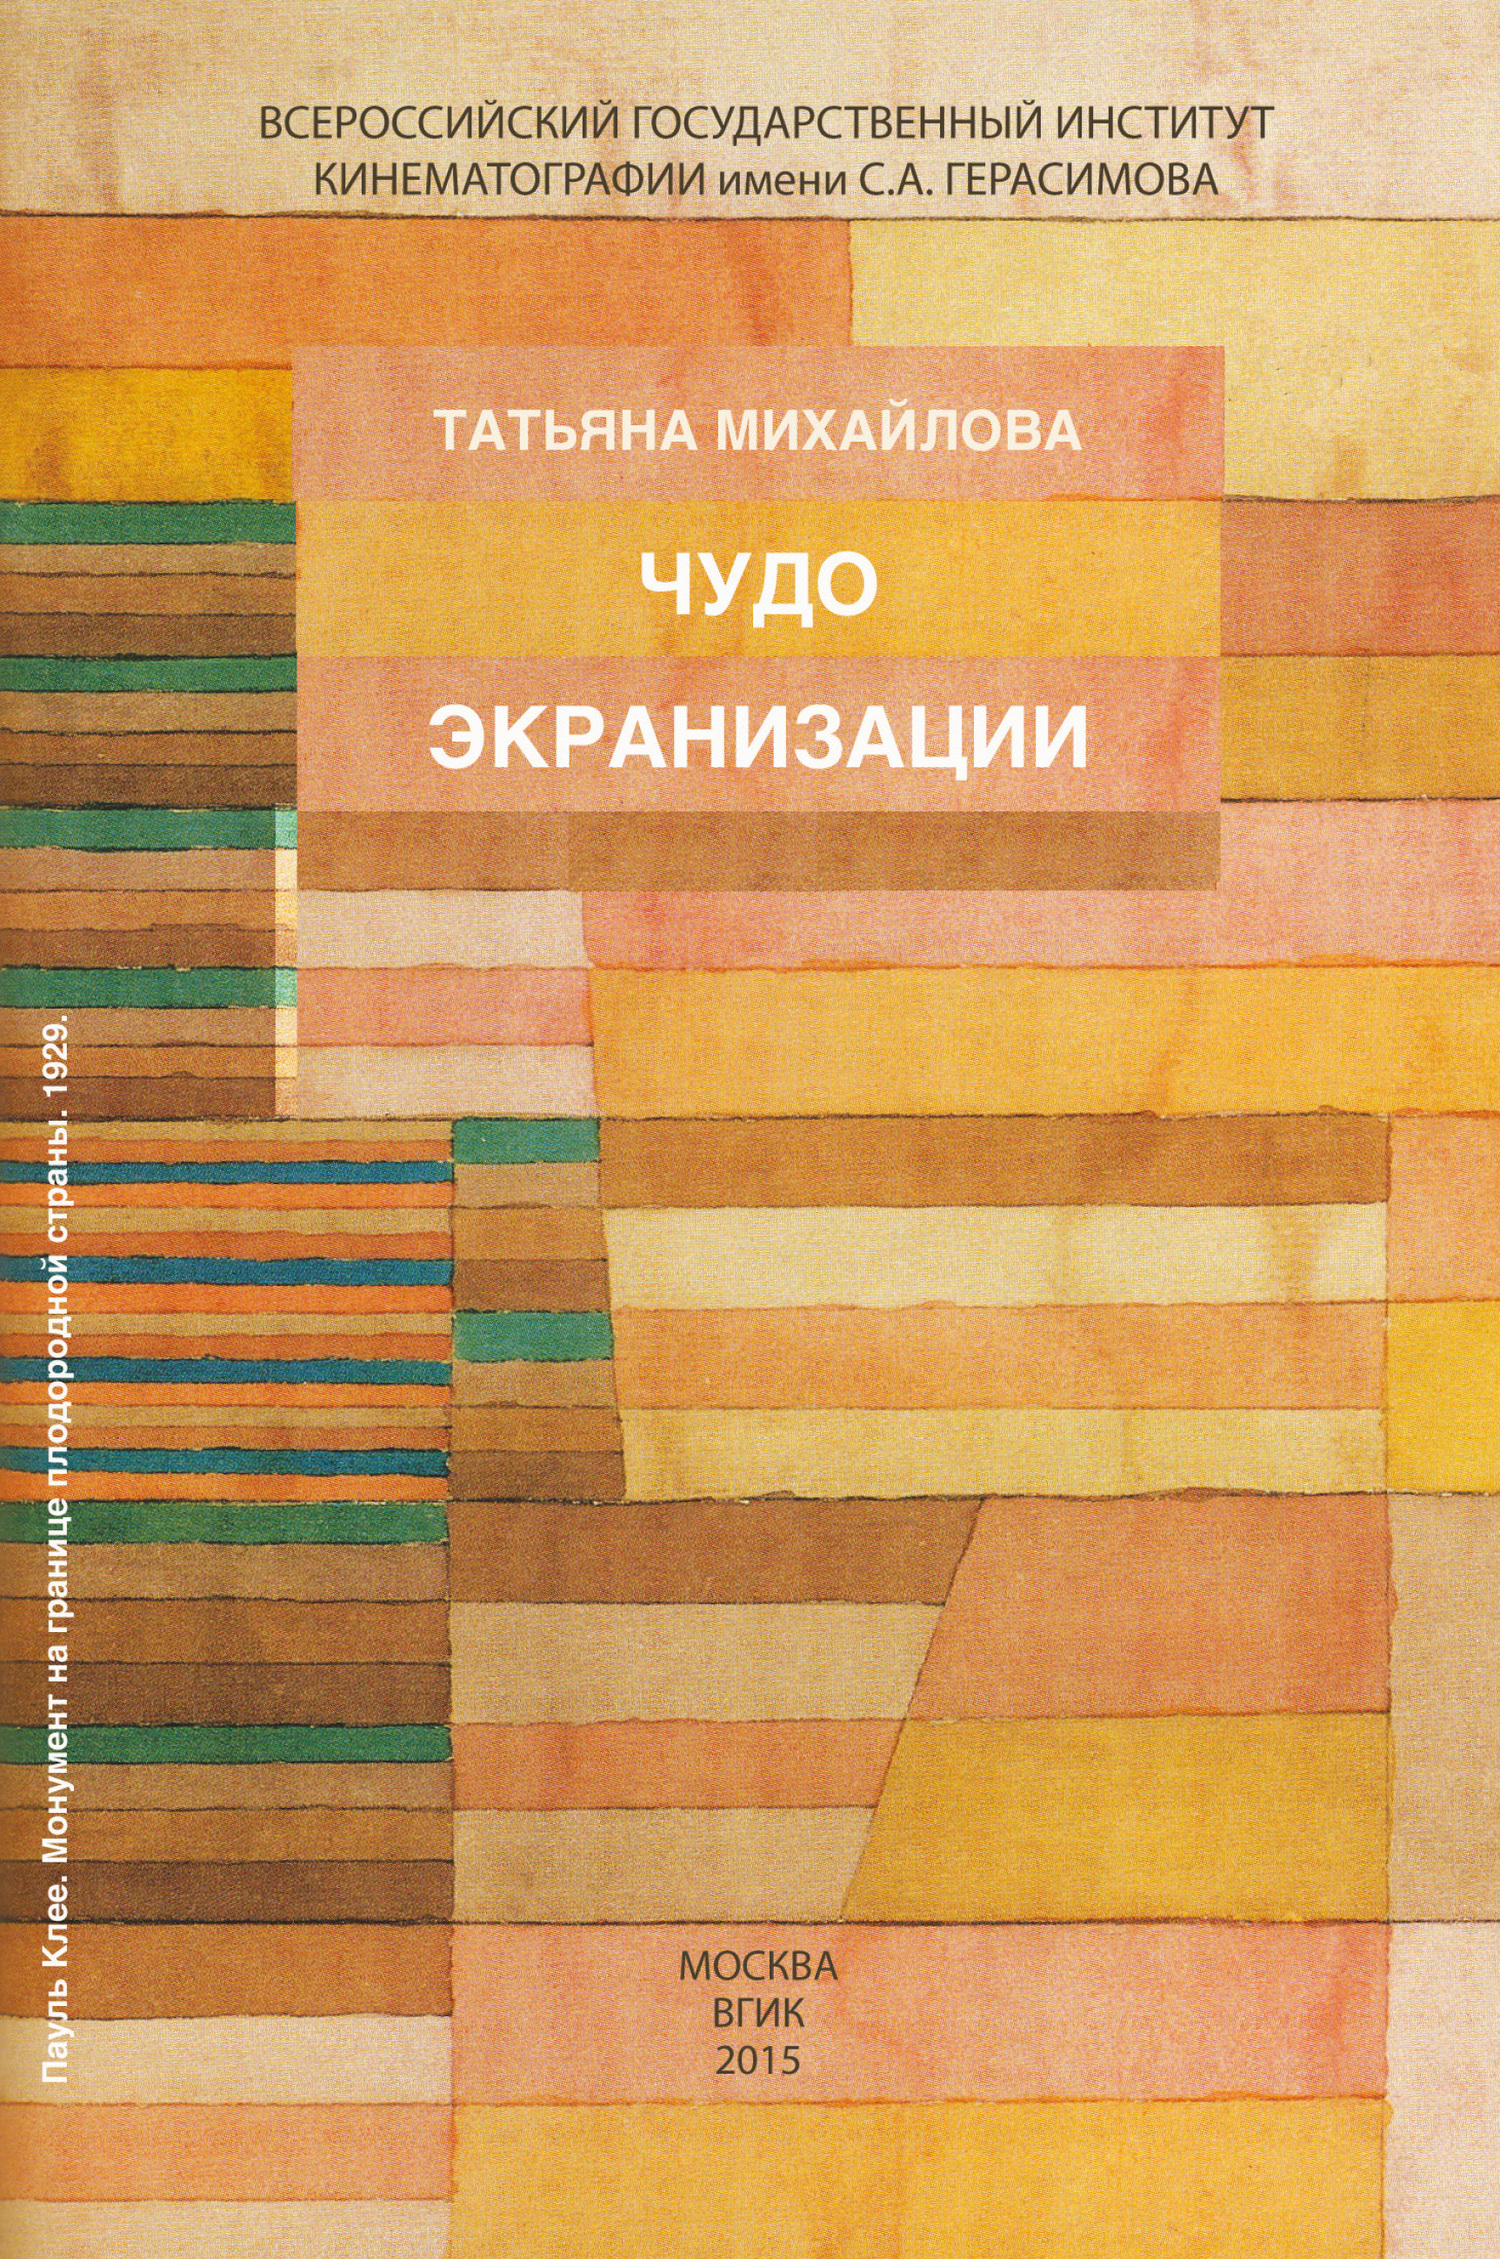 Татьяна Михайлова - Чудо экранизации